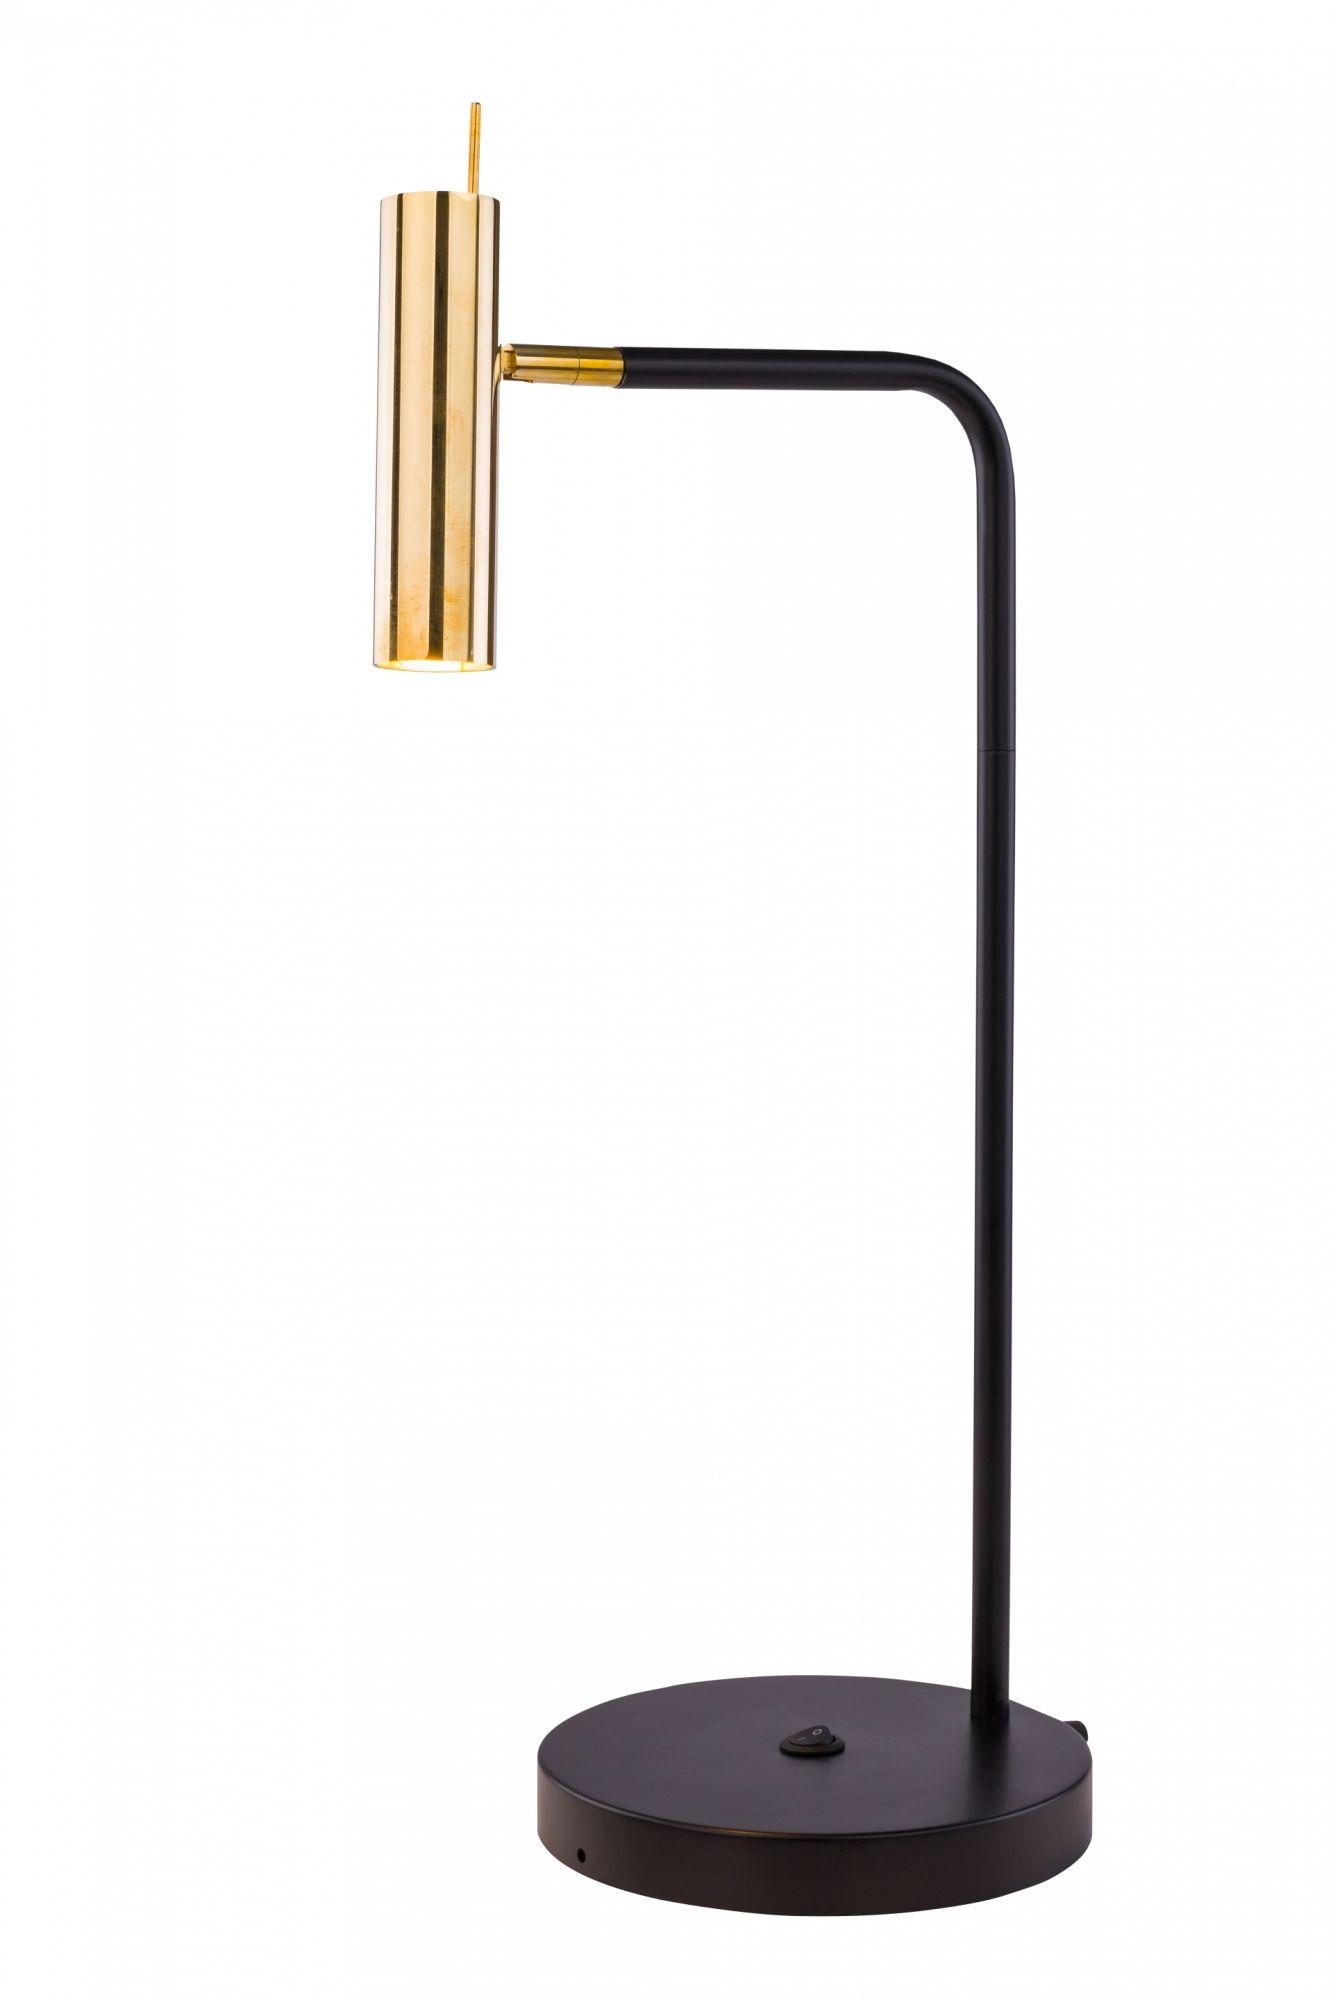 Lampa stołowa Amos Amplex ruchoma oprawa w nowoczesnym stylu